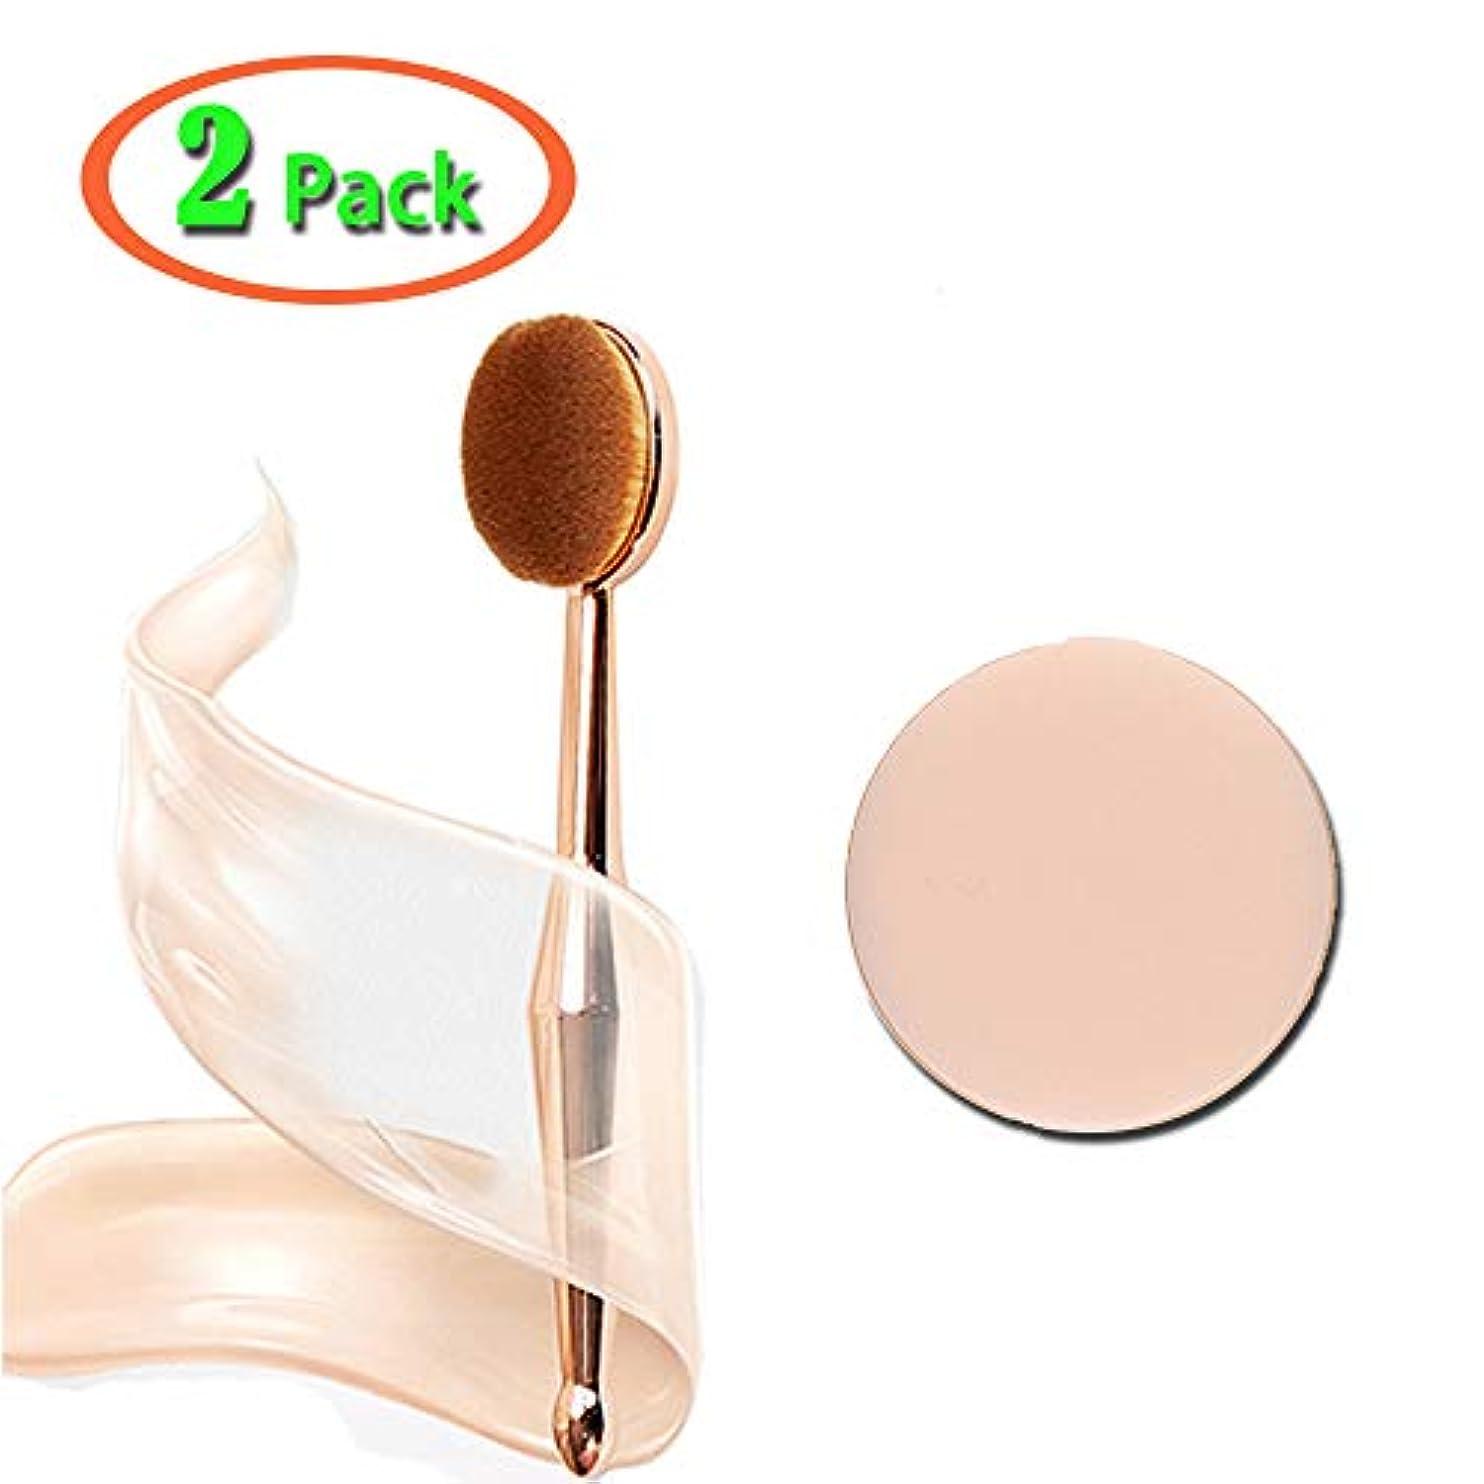 エーカーへこみに慣れYuJiny 化粧ブラシ 歯ブラシ型 高級繊維毛 ファンデーションブラシ メイクブラシ メイクアップブラシ 肌に優しいパフ 化粧 ファンデーションブラシ 1ペア ゴールド